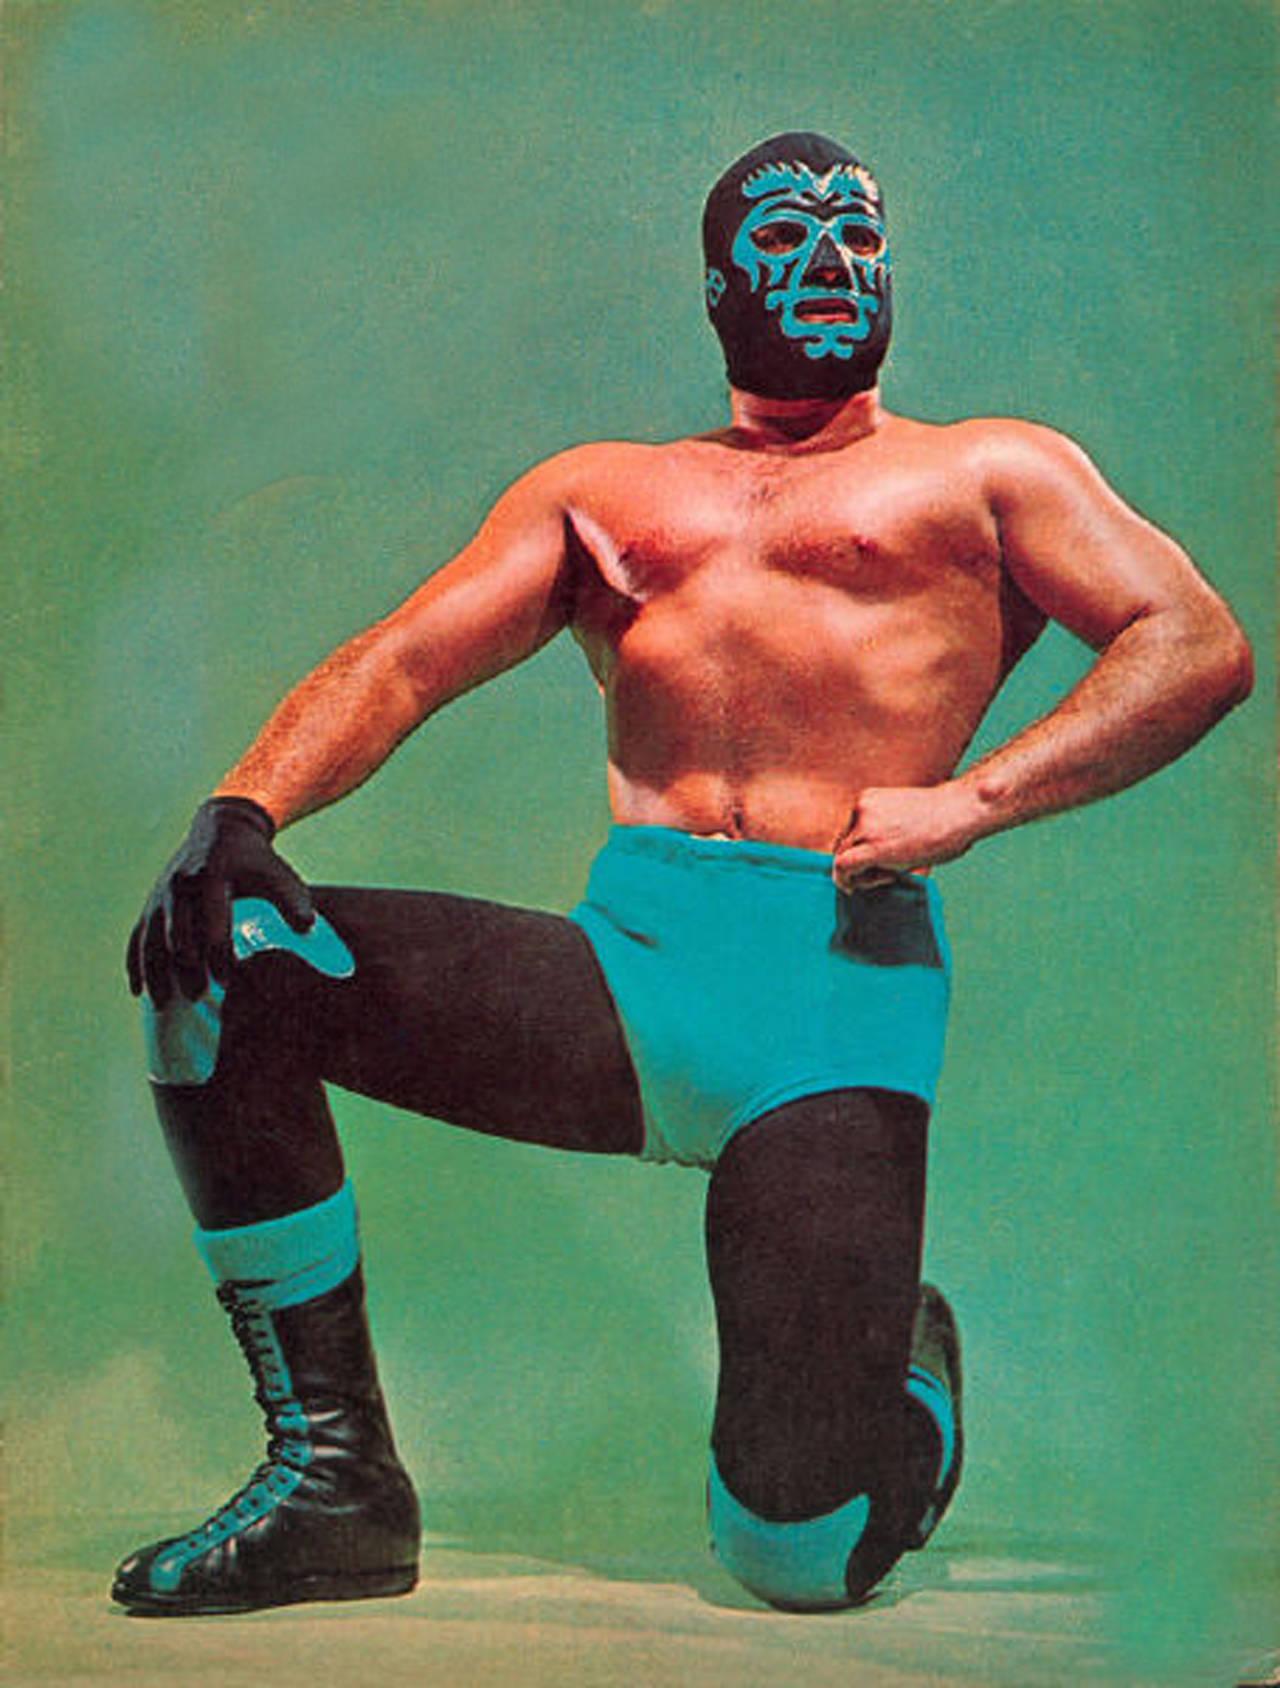 La elegancia hecha luchador: Mano Negra